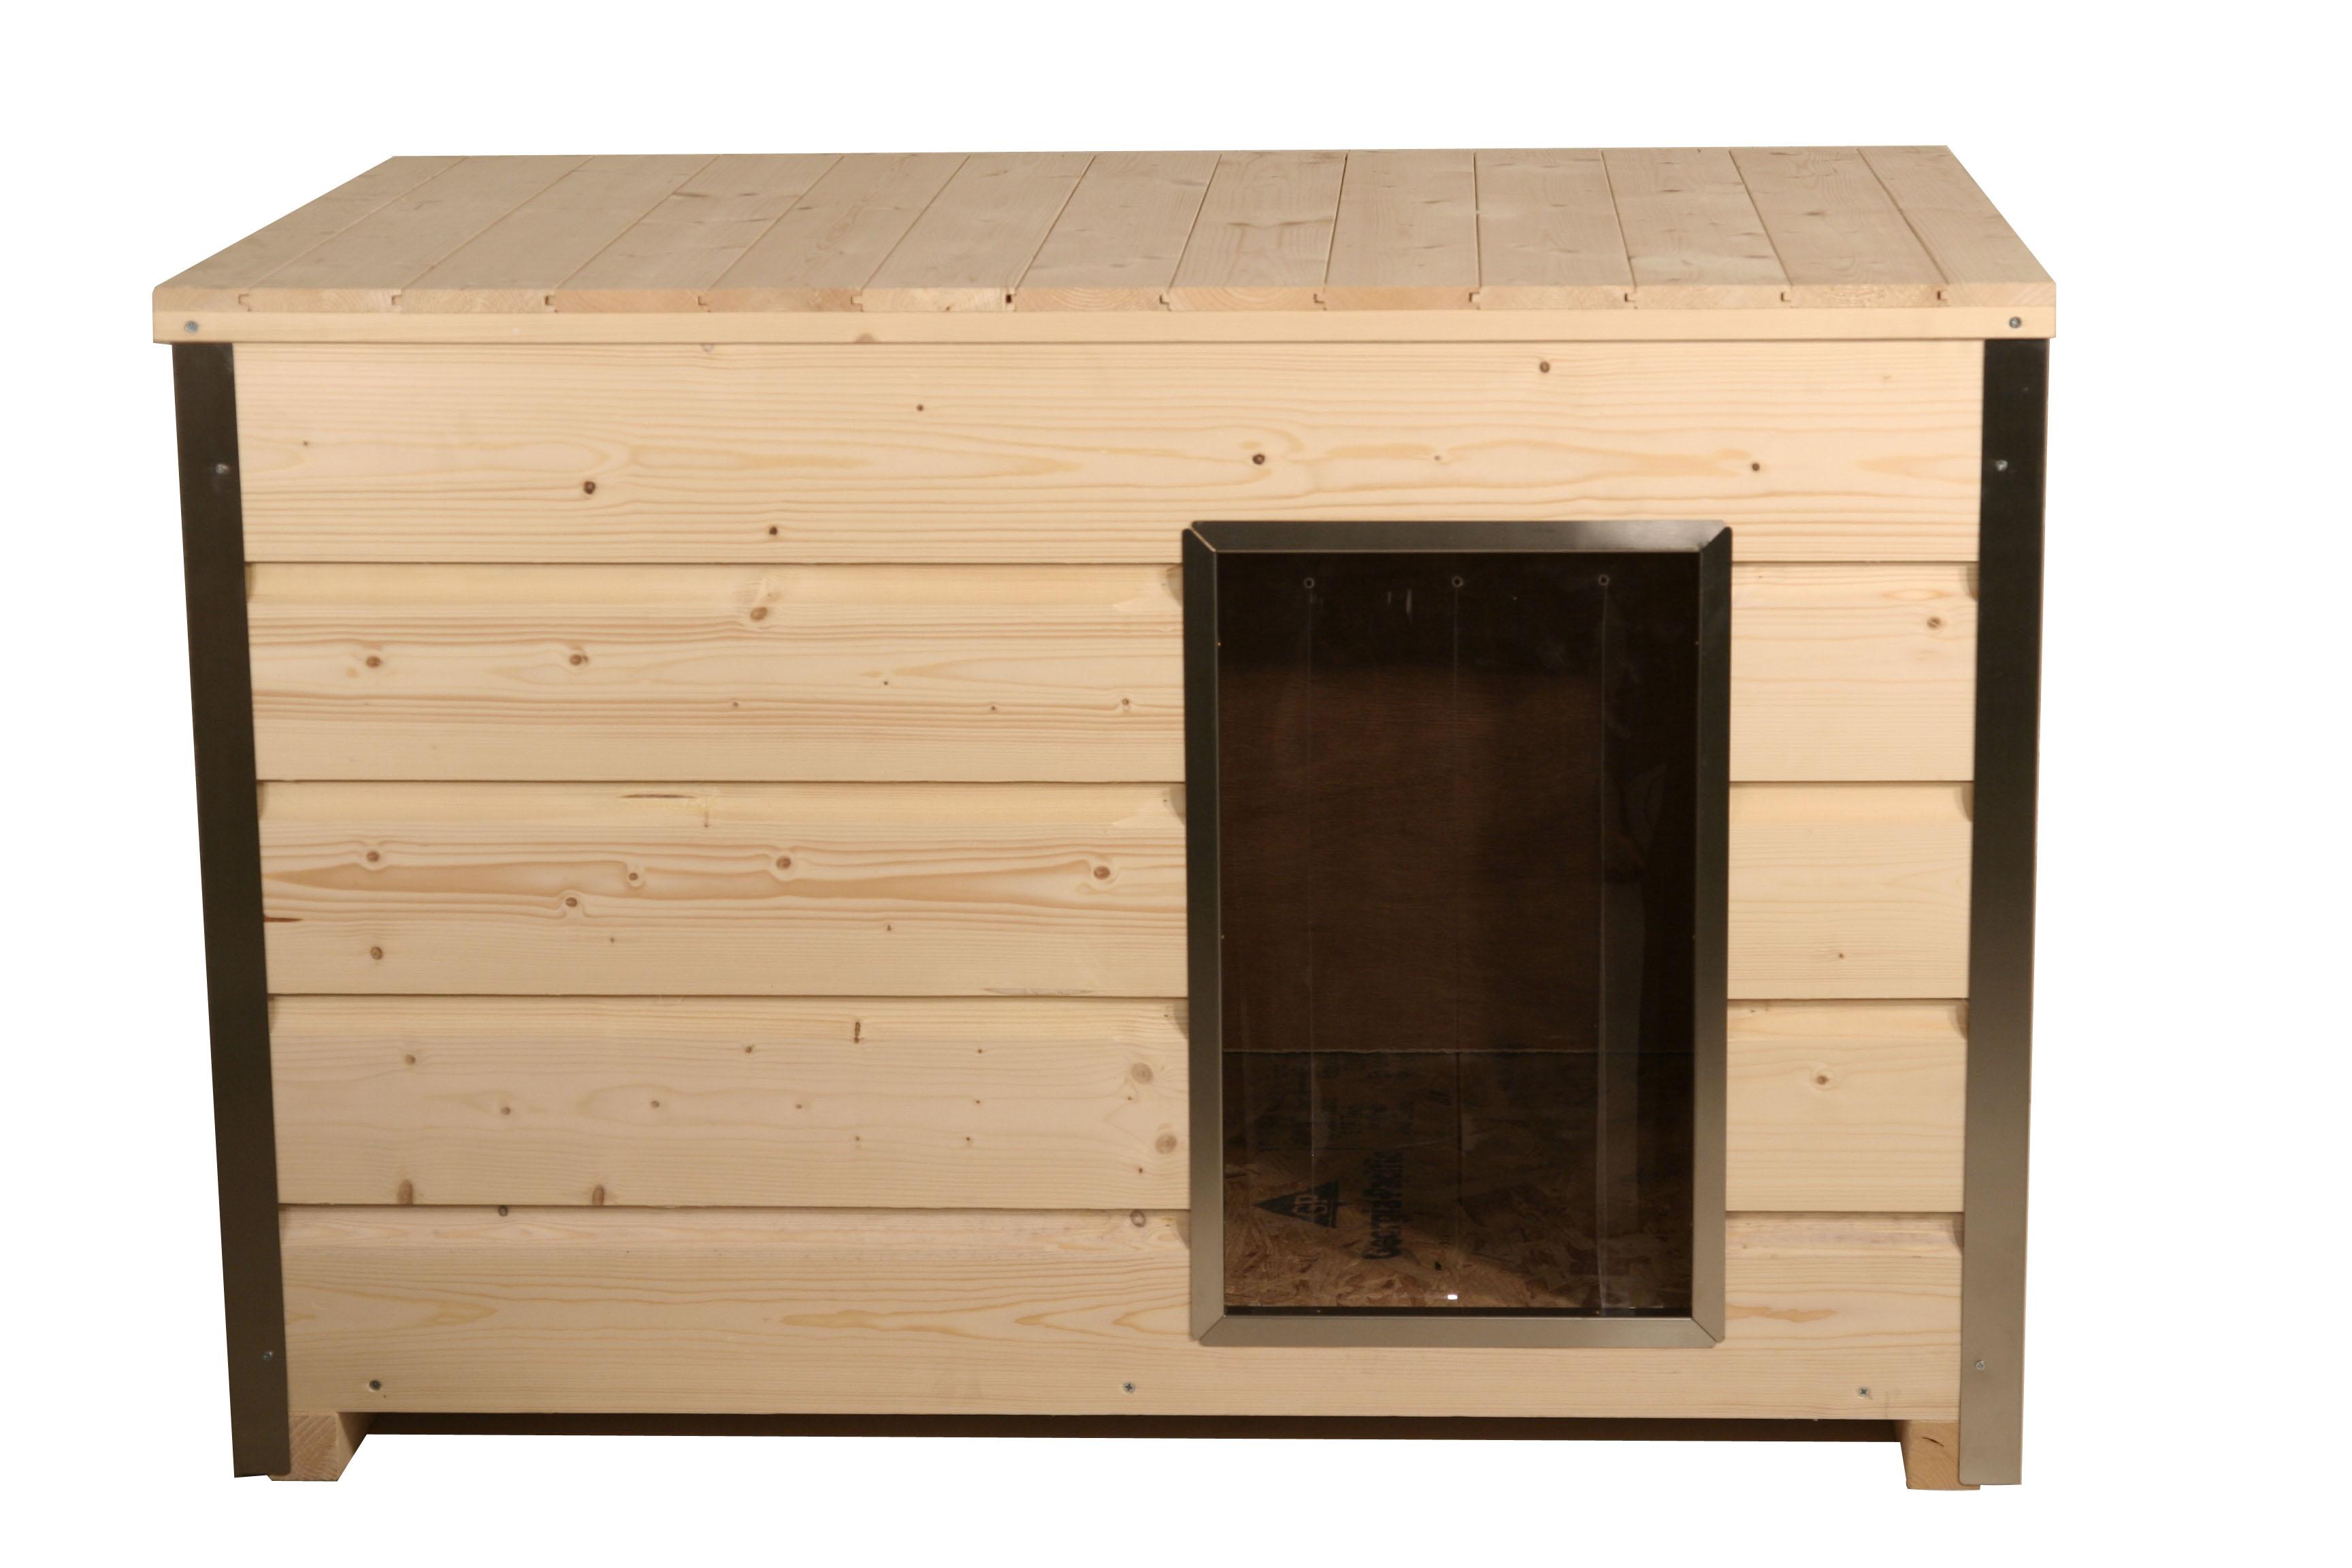 Holz-Hundehütte mit 30 mm Isolierung und Flachdach, naturbelassen, 116,5 x 78 x 75 cm